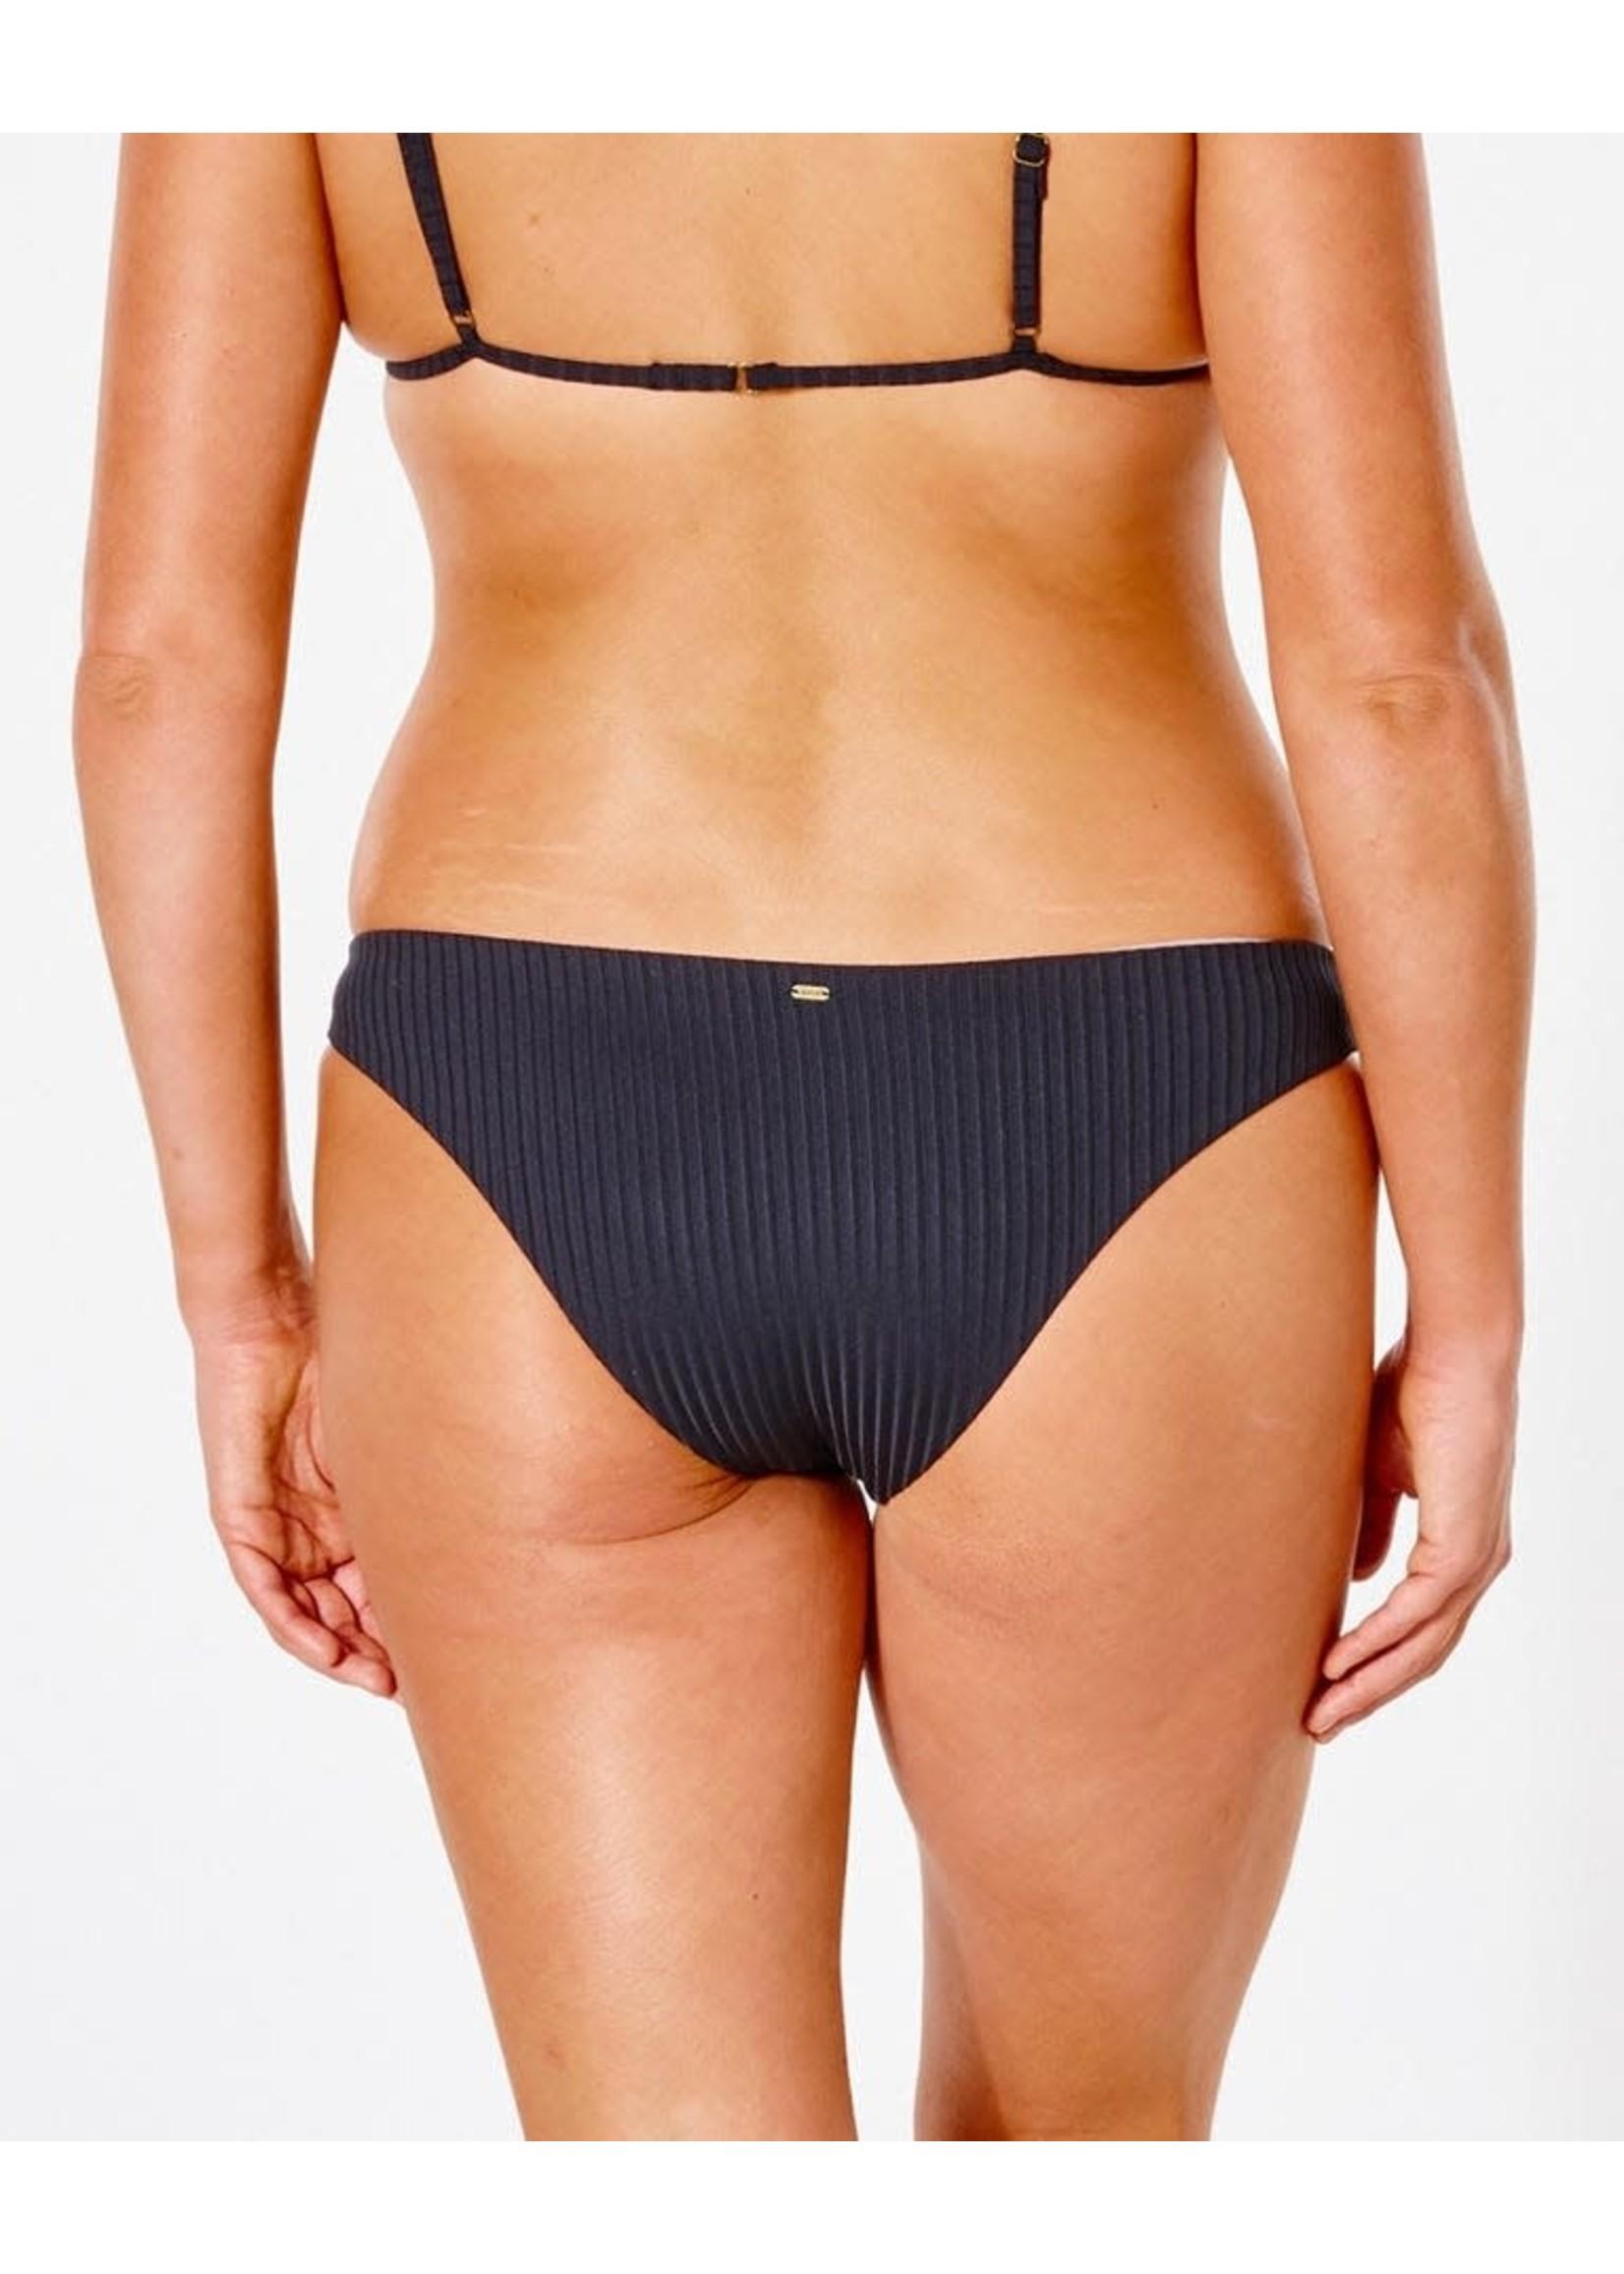 RIP CURL Bas de bikini haut de gamme Surf